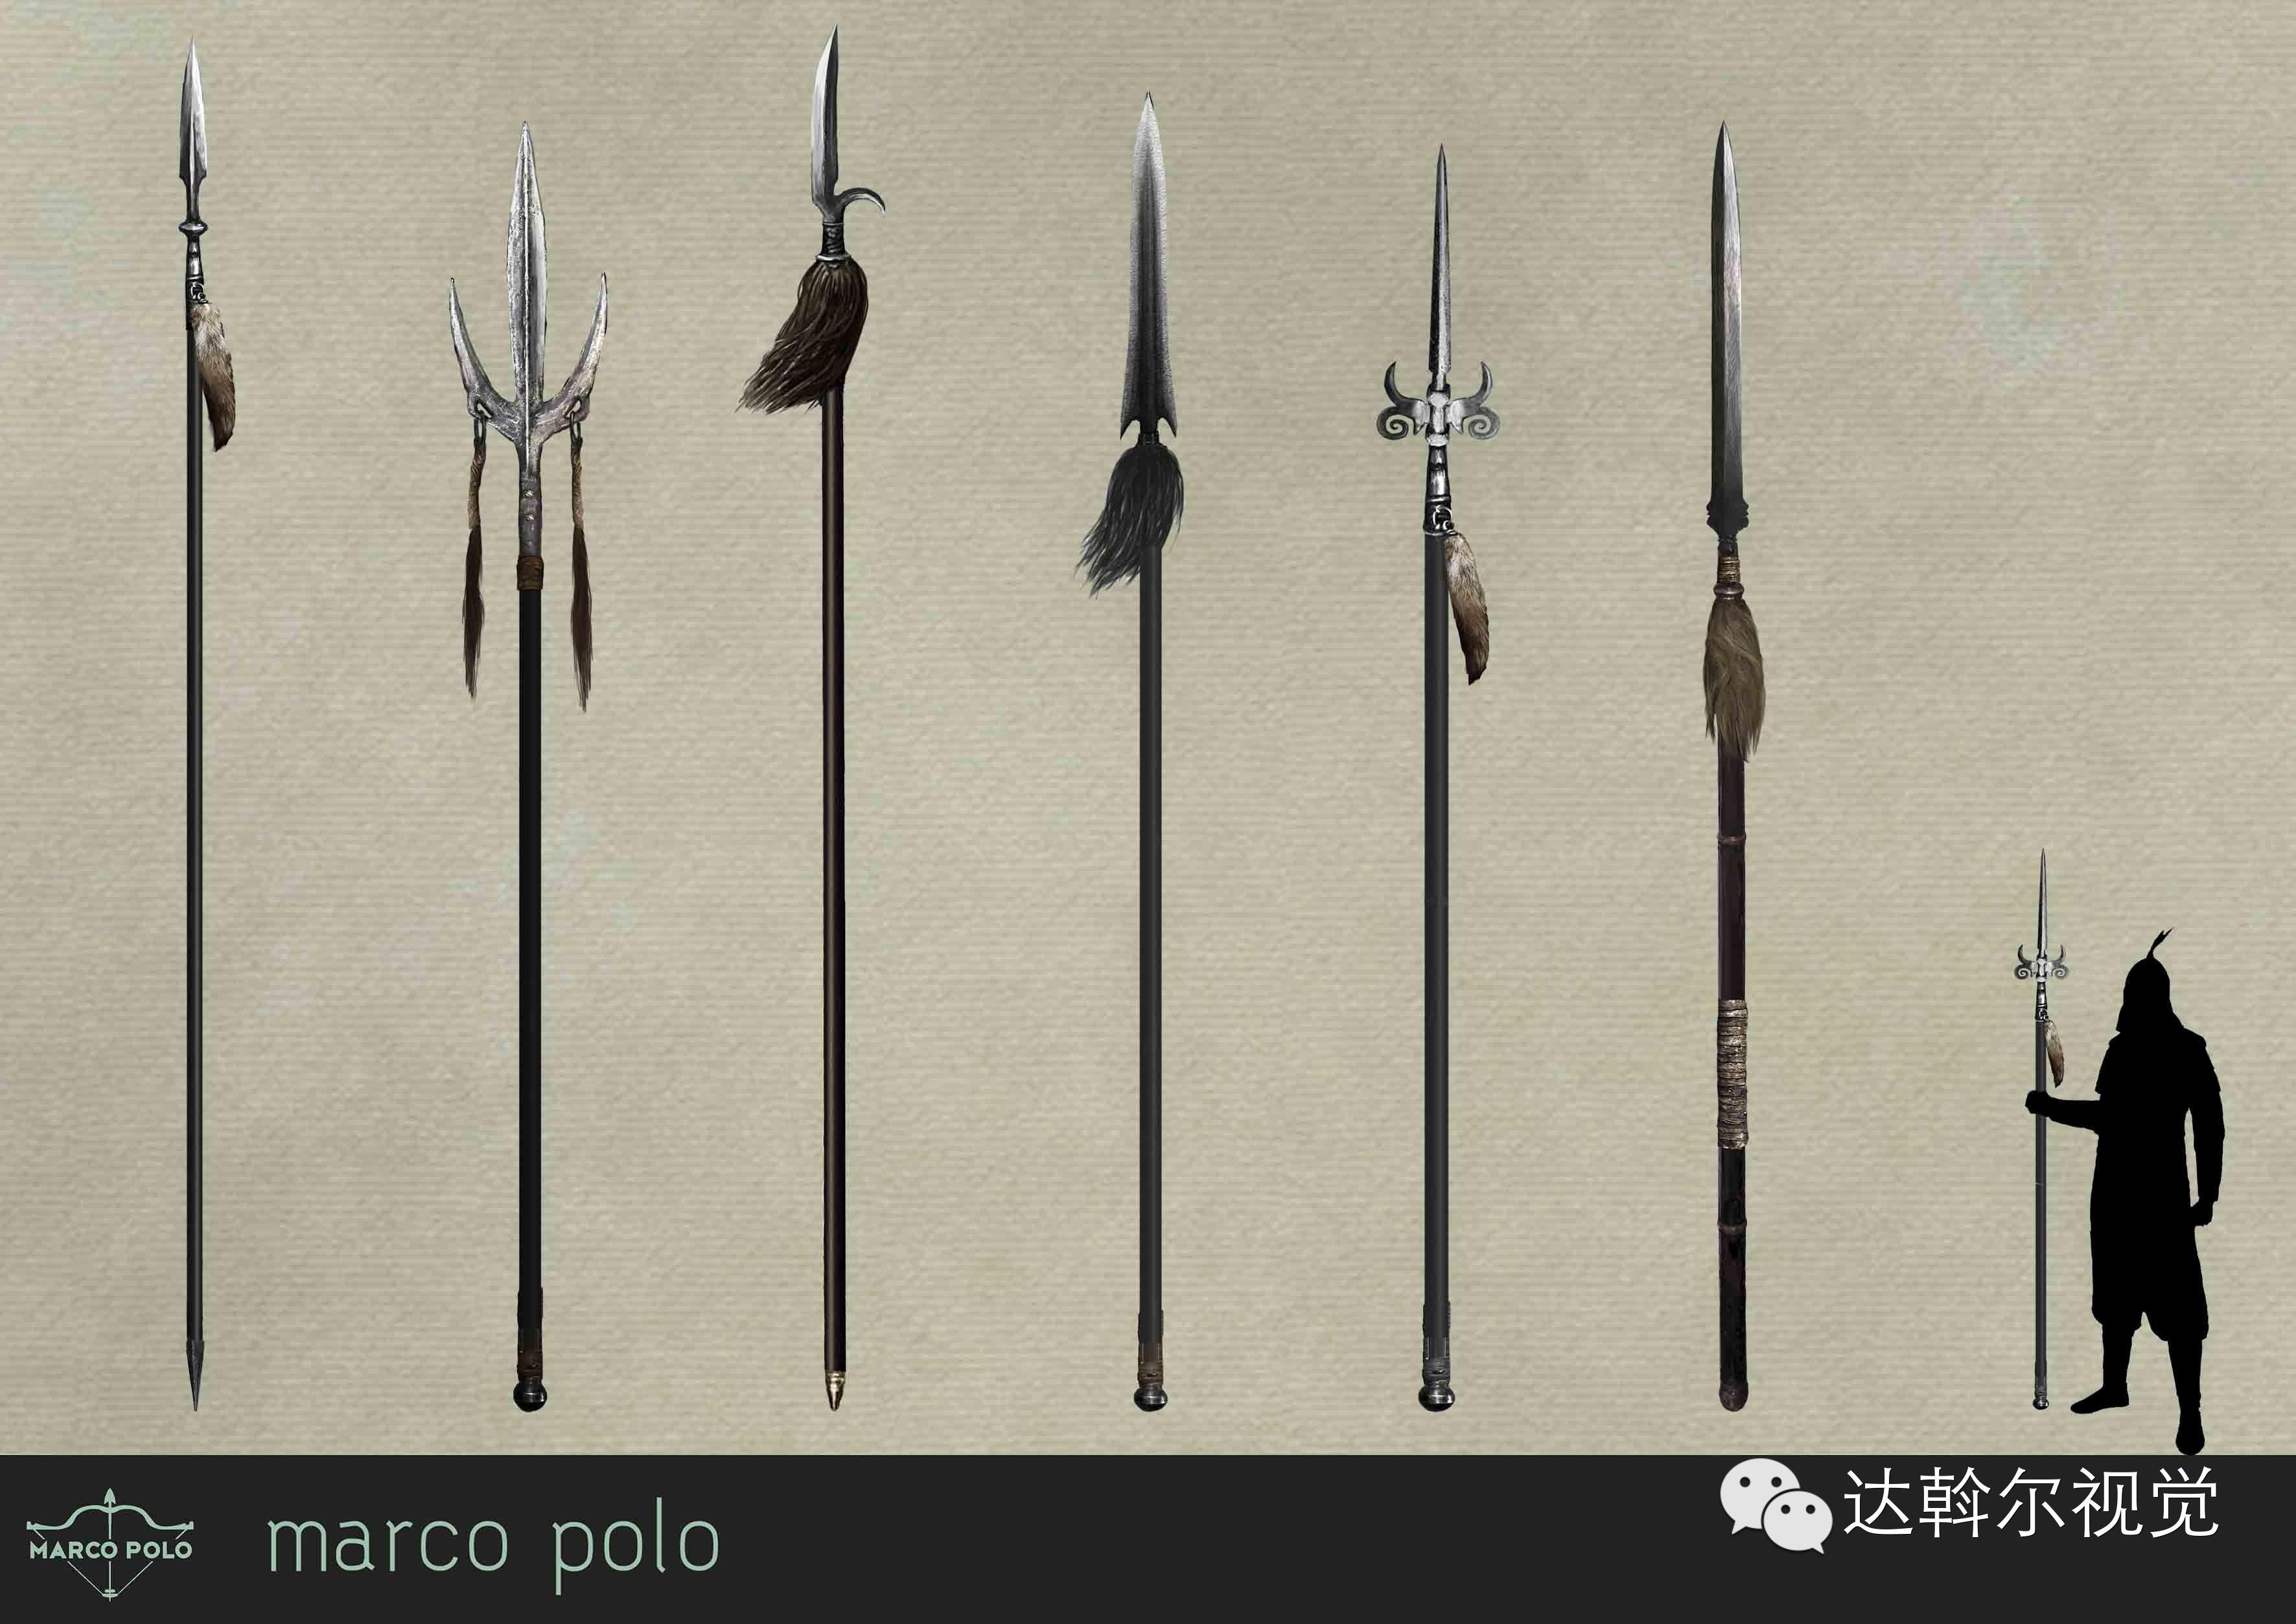 蒙古题材美剧《马可波罗》兵器设计欣赏 第24张